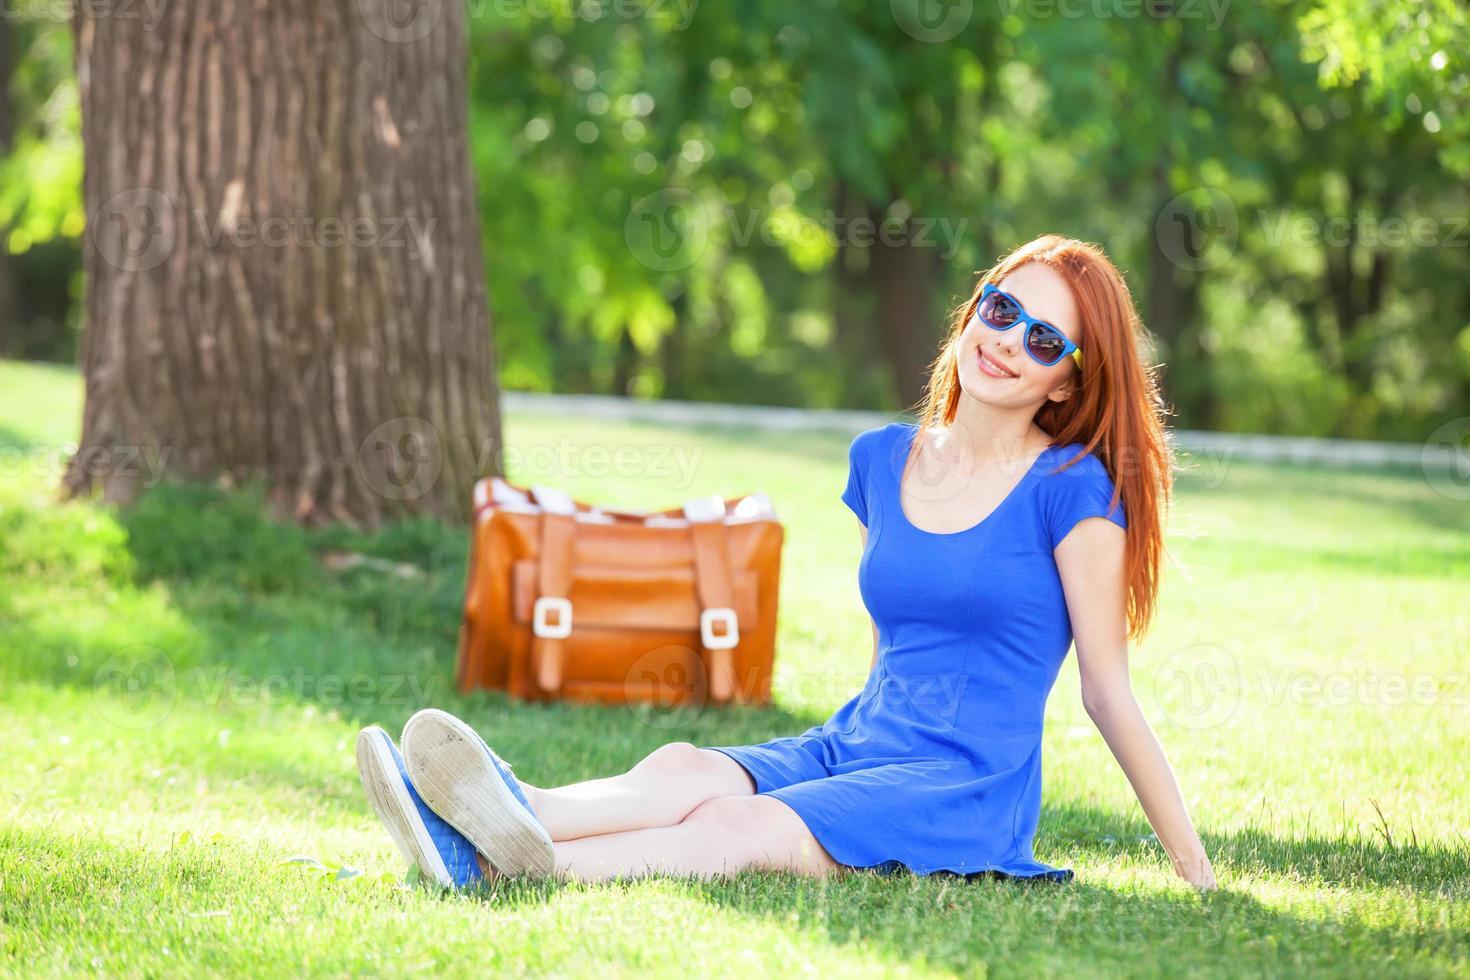 Chica pelirroja con maleta en el parque. foto